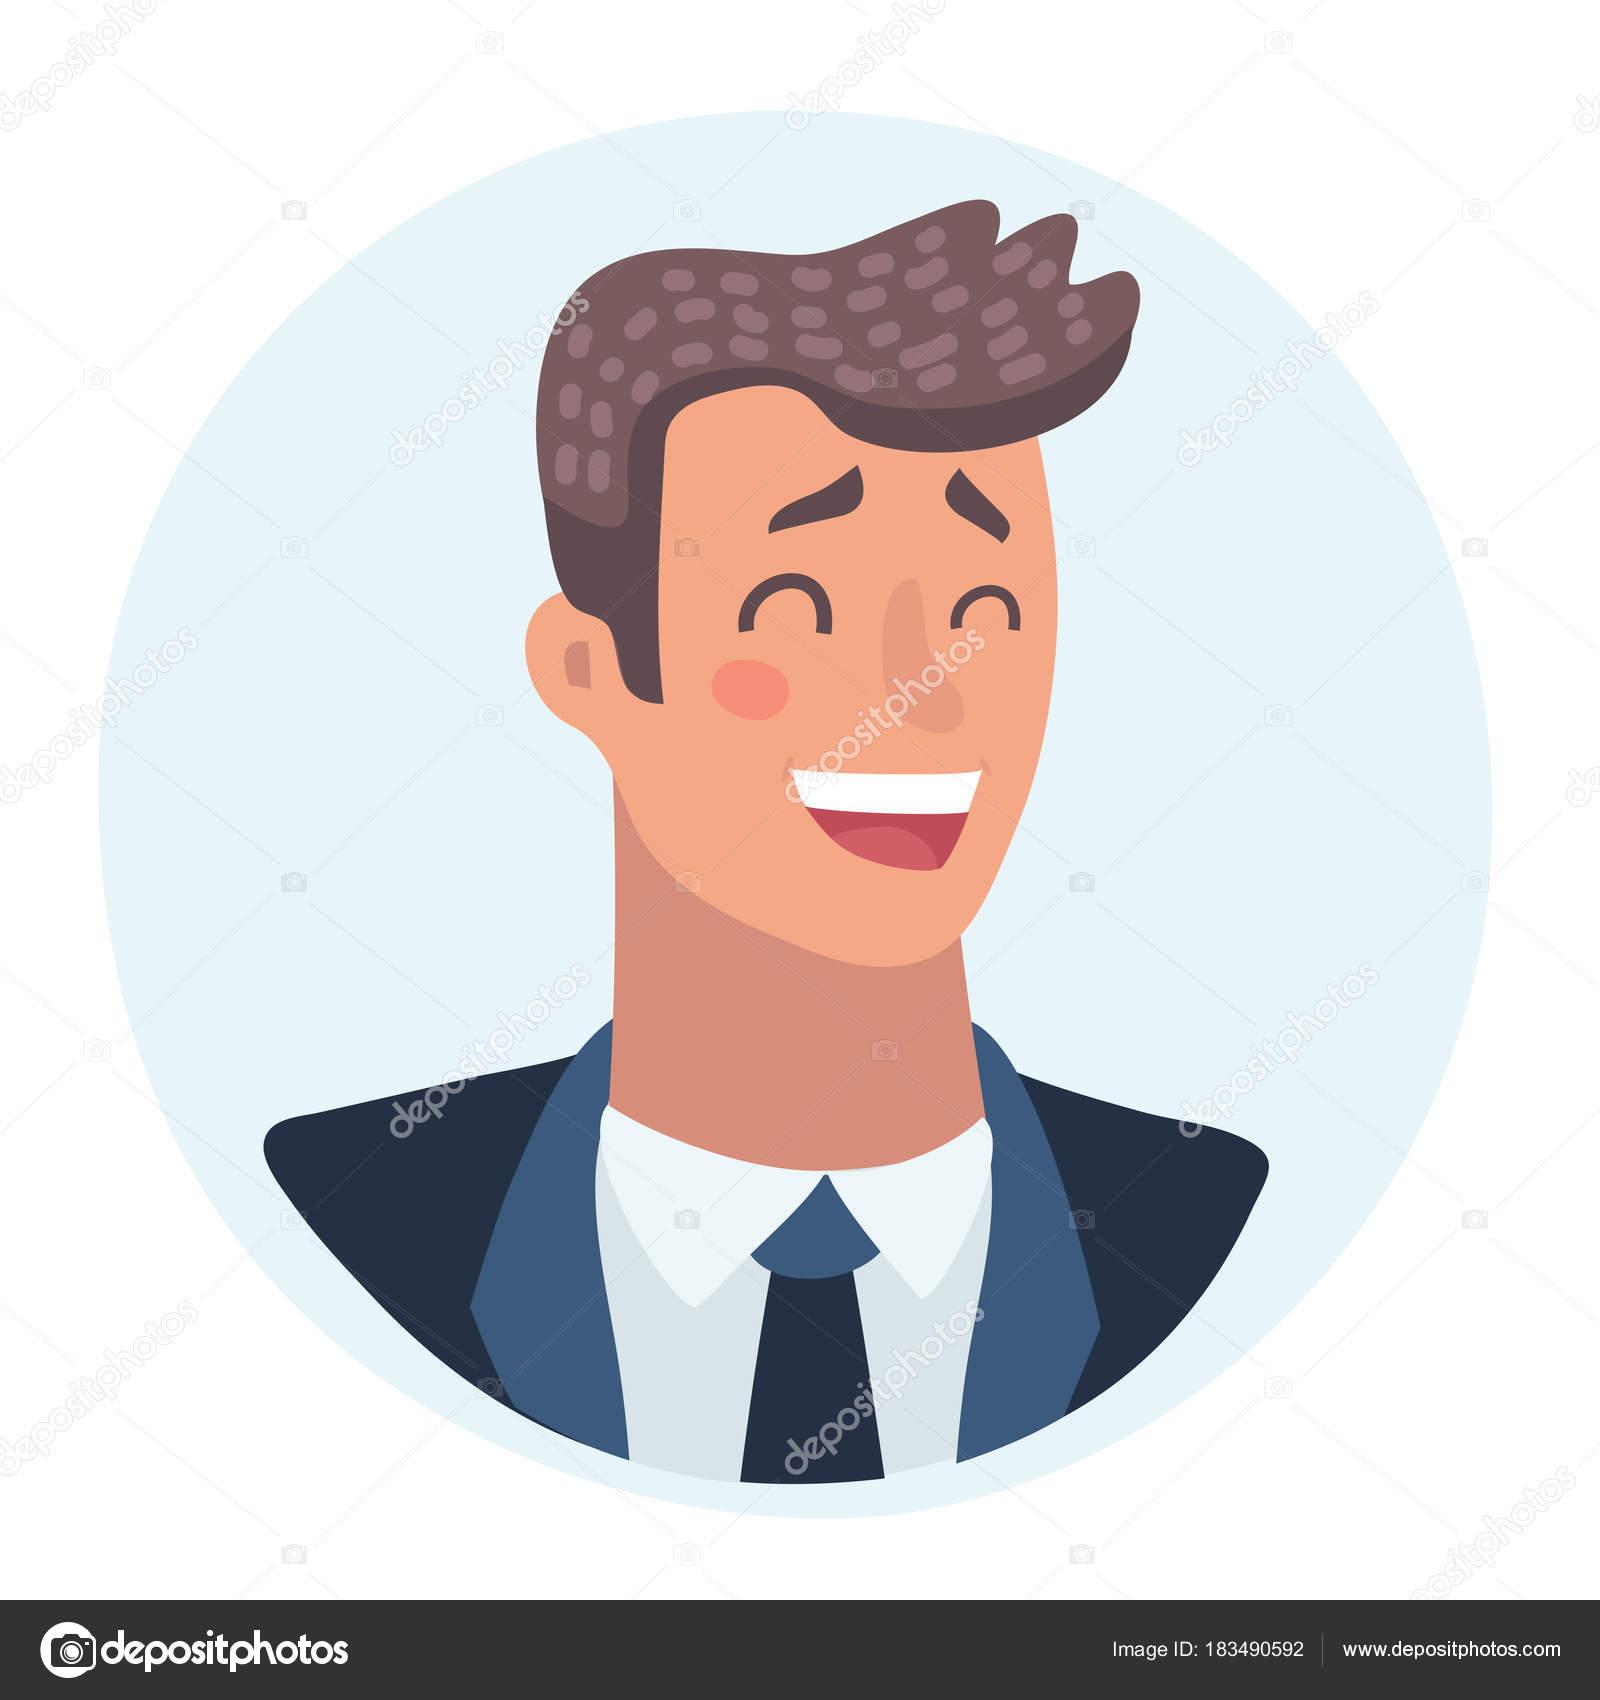 Jeune Homme Visage Expression Faciale Illustrations De Vecteur De